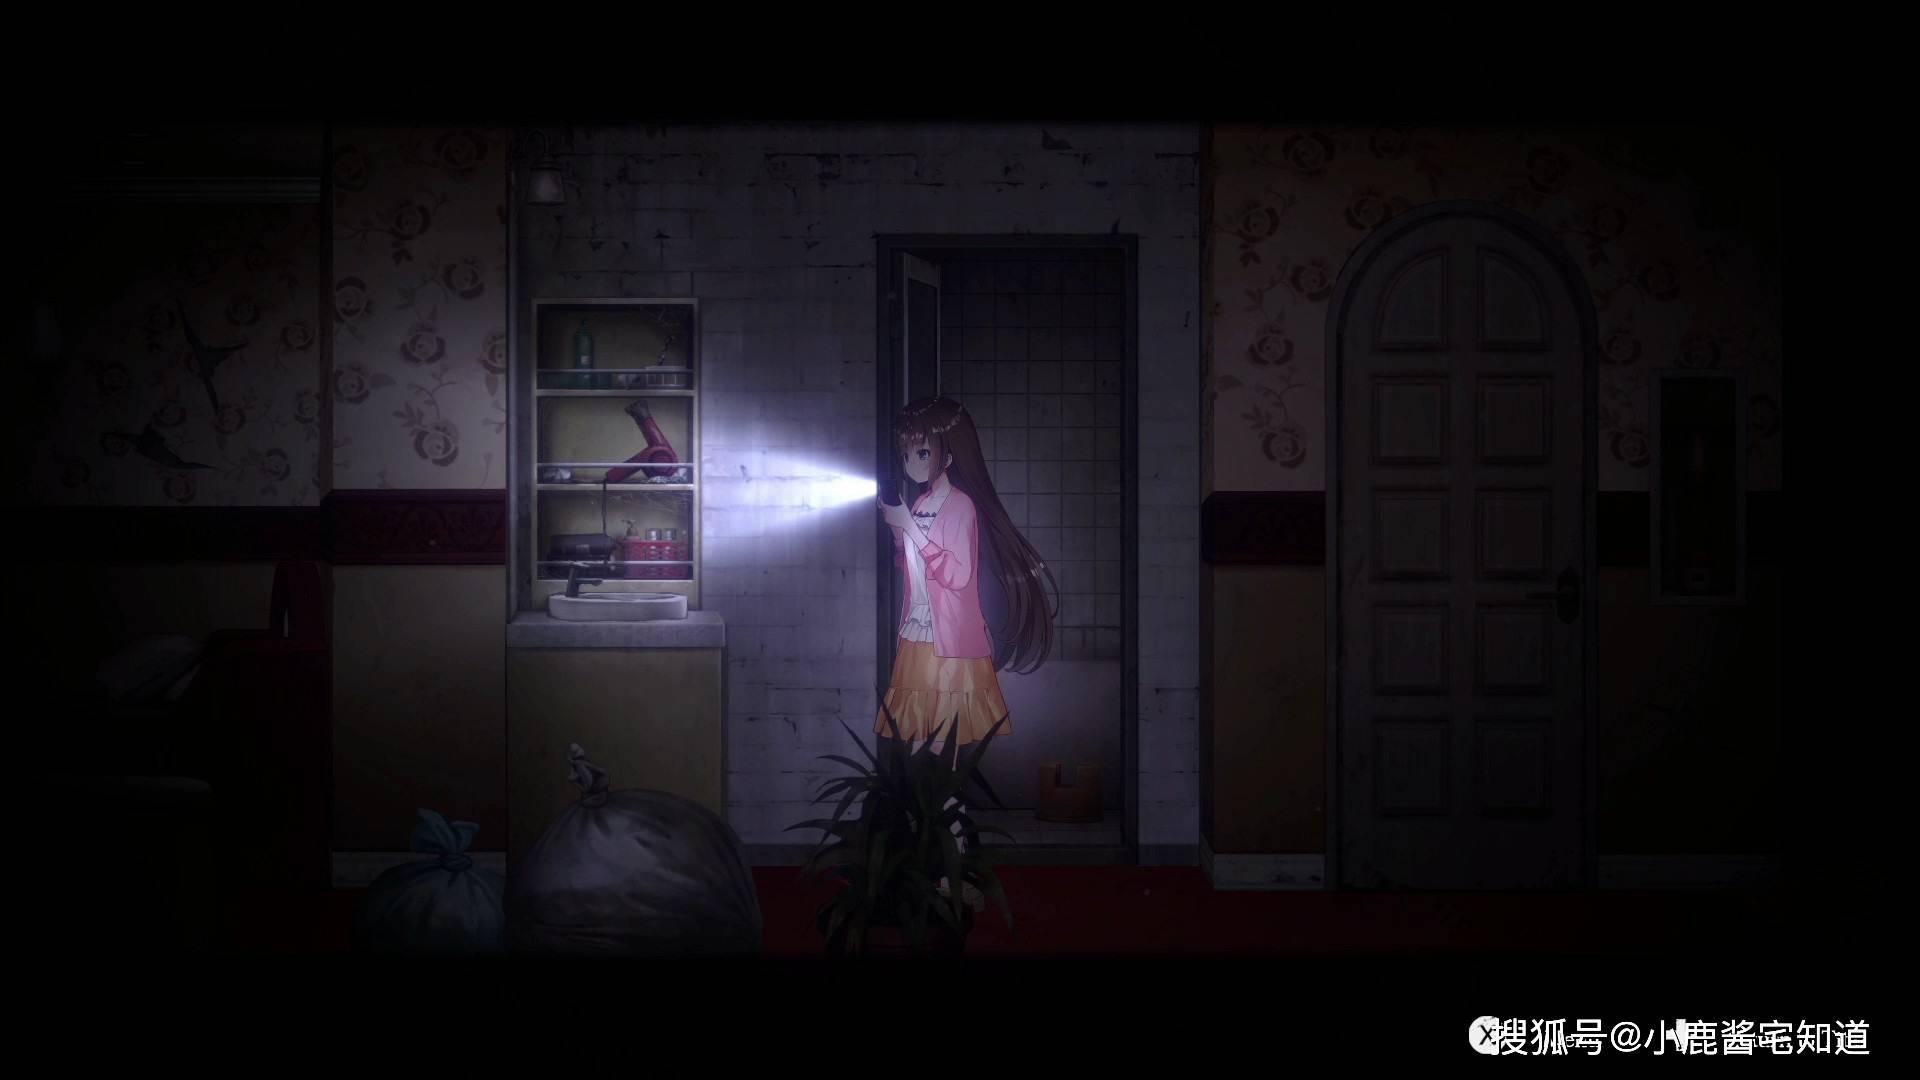 恐怖游戏实况直播紫界 在逃生游戏里疯狂开黑店